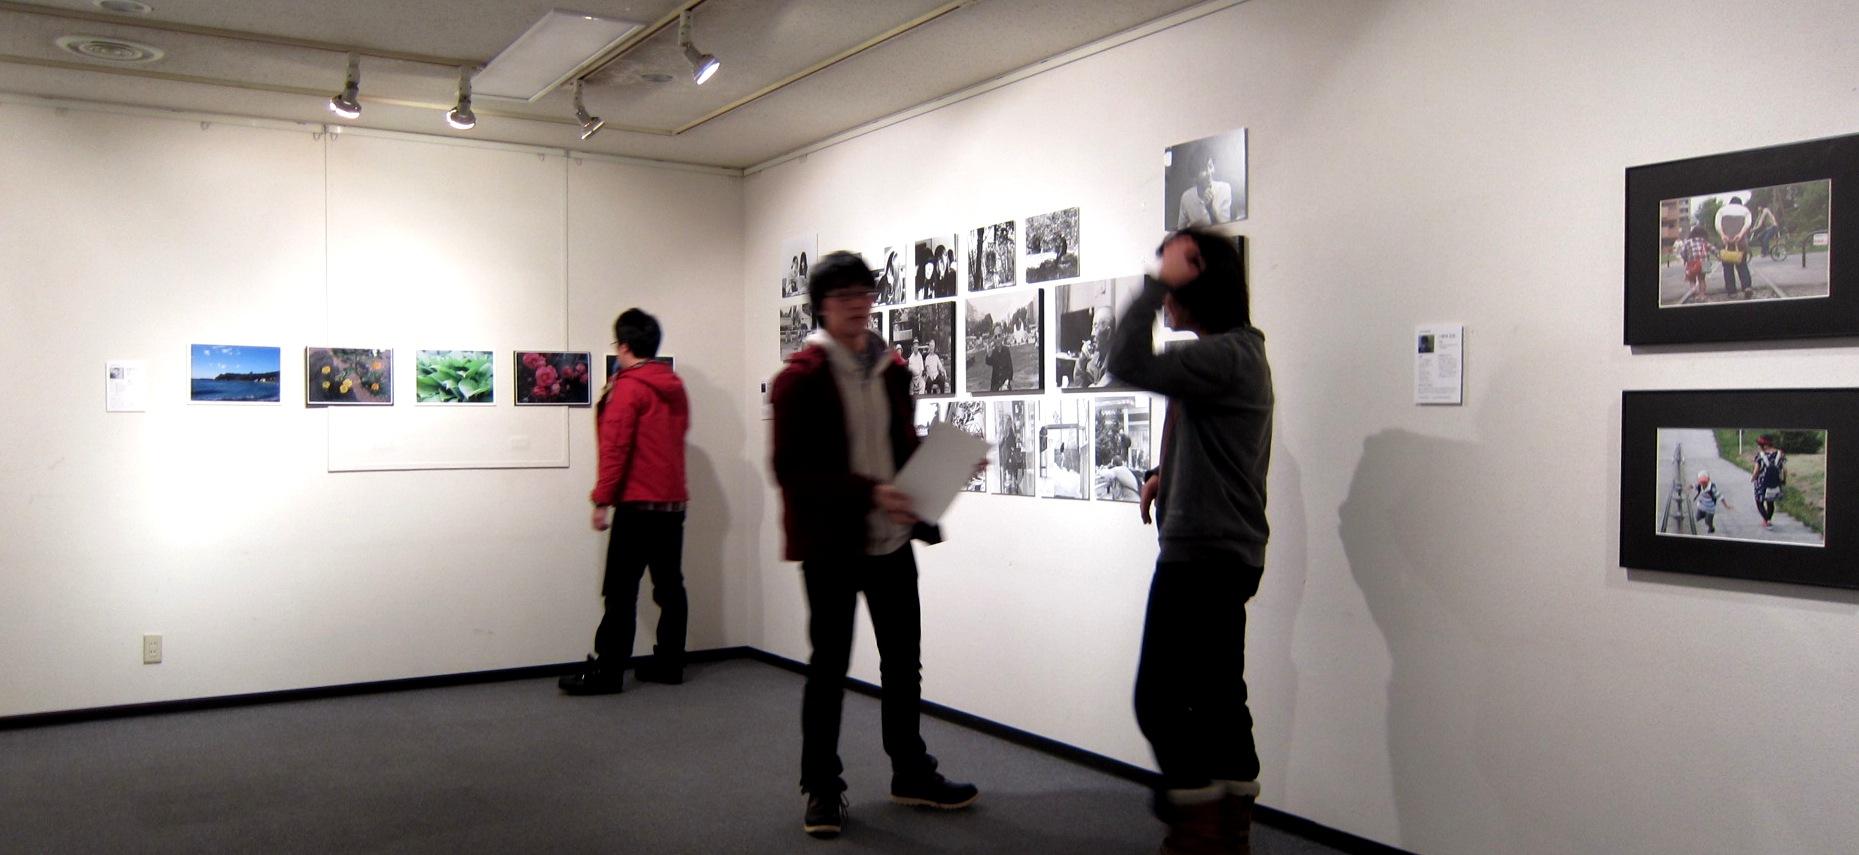 2491)「第3回丸島企画展『群青』 に寄せて」_f0126829_9495460.jpg